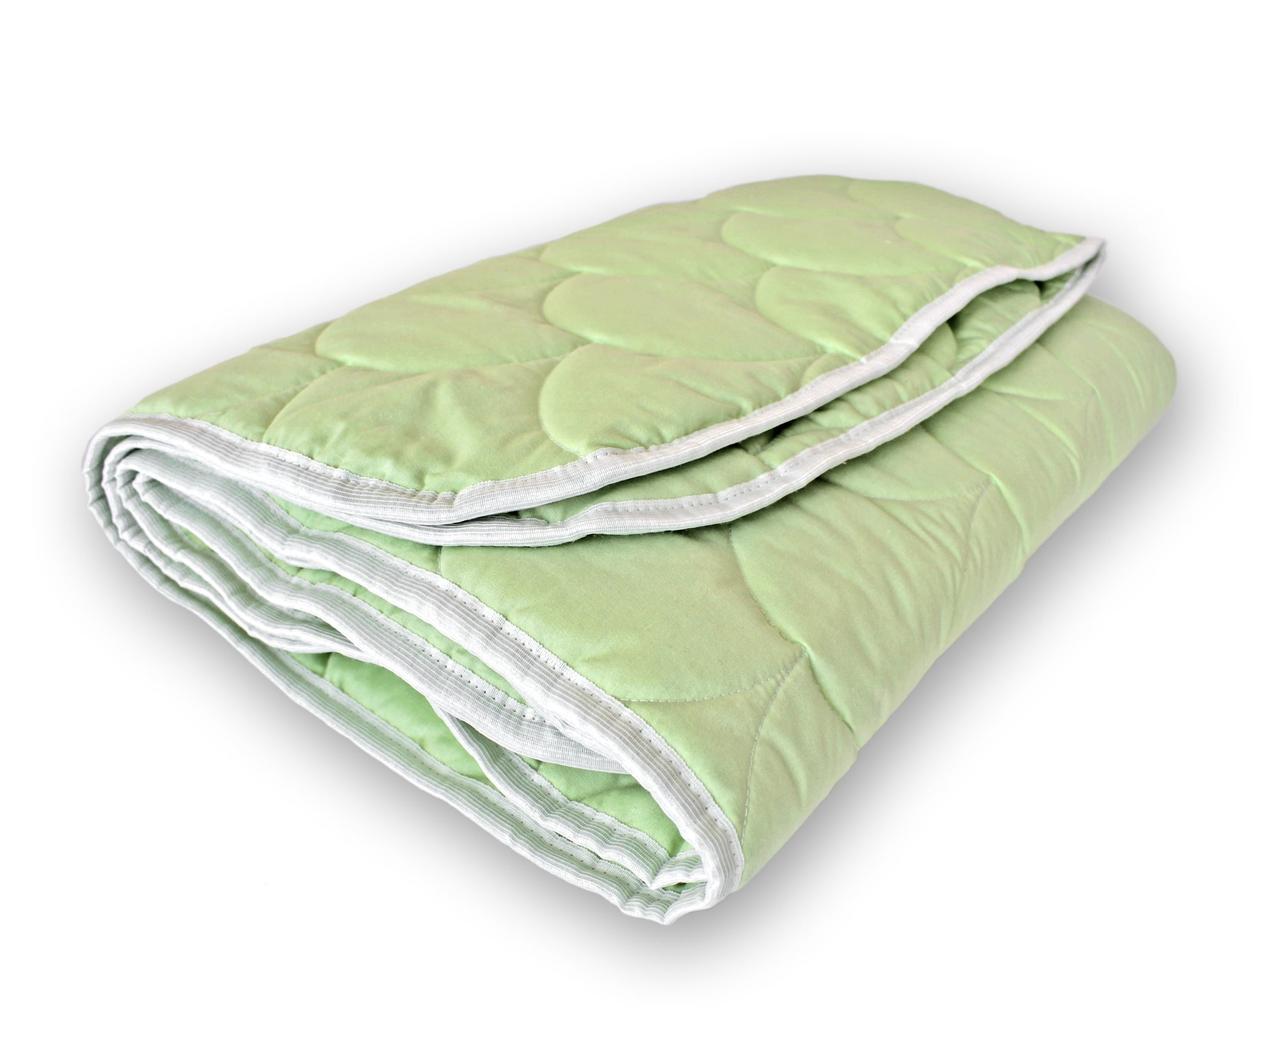 Одеяло стеганое зимнее QSLEEP полуторное Евро 155*215 см зеленый, пастельный